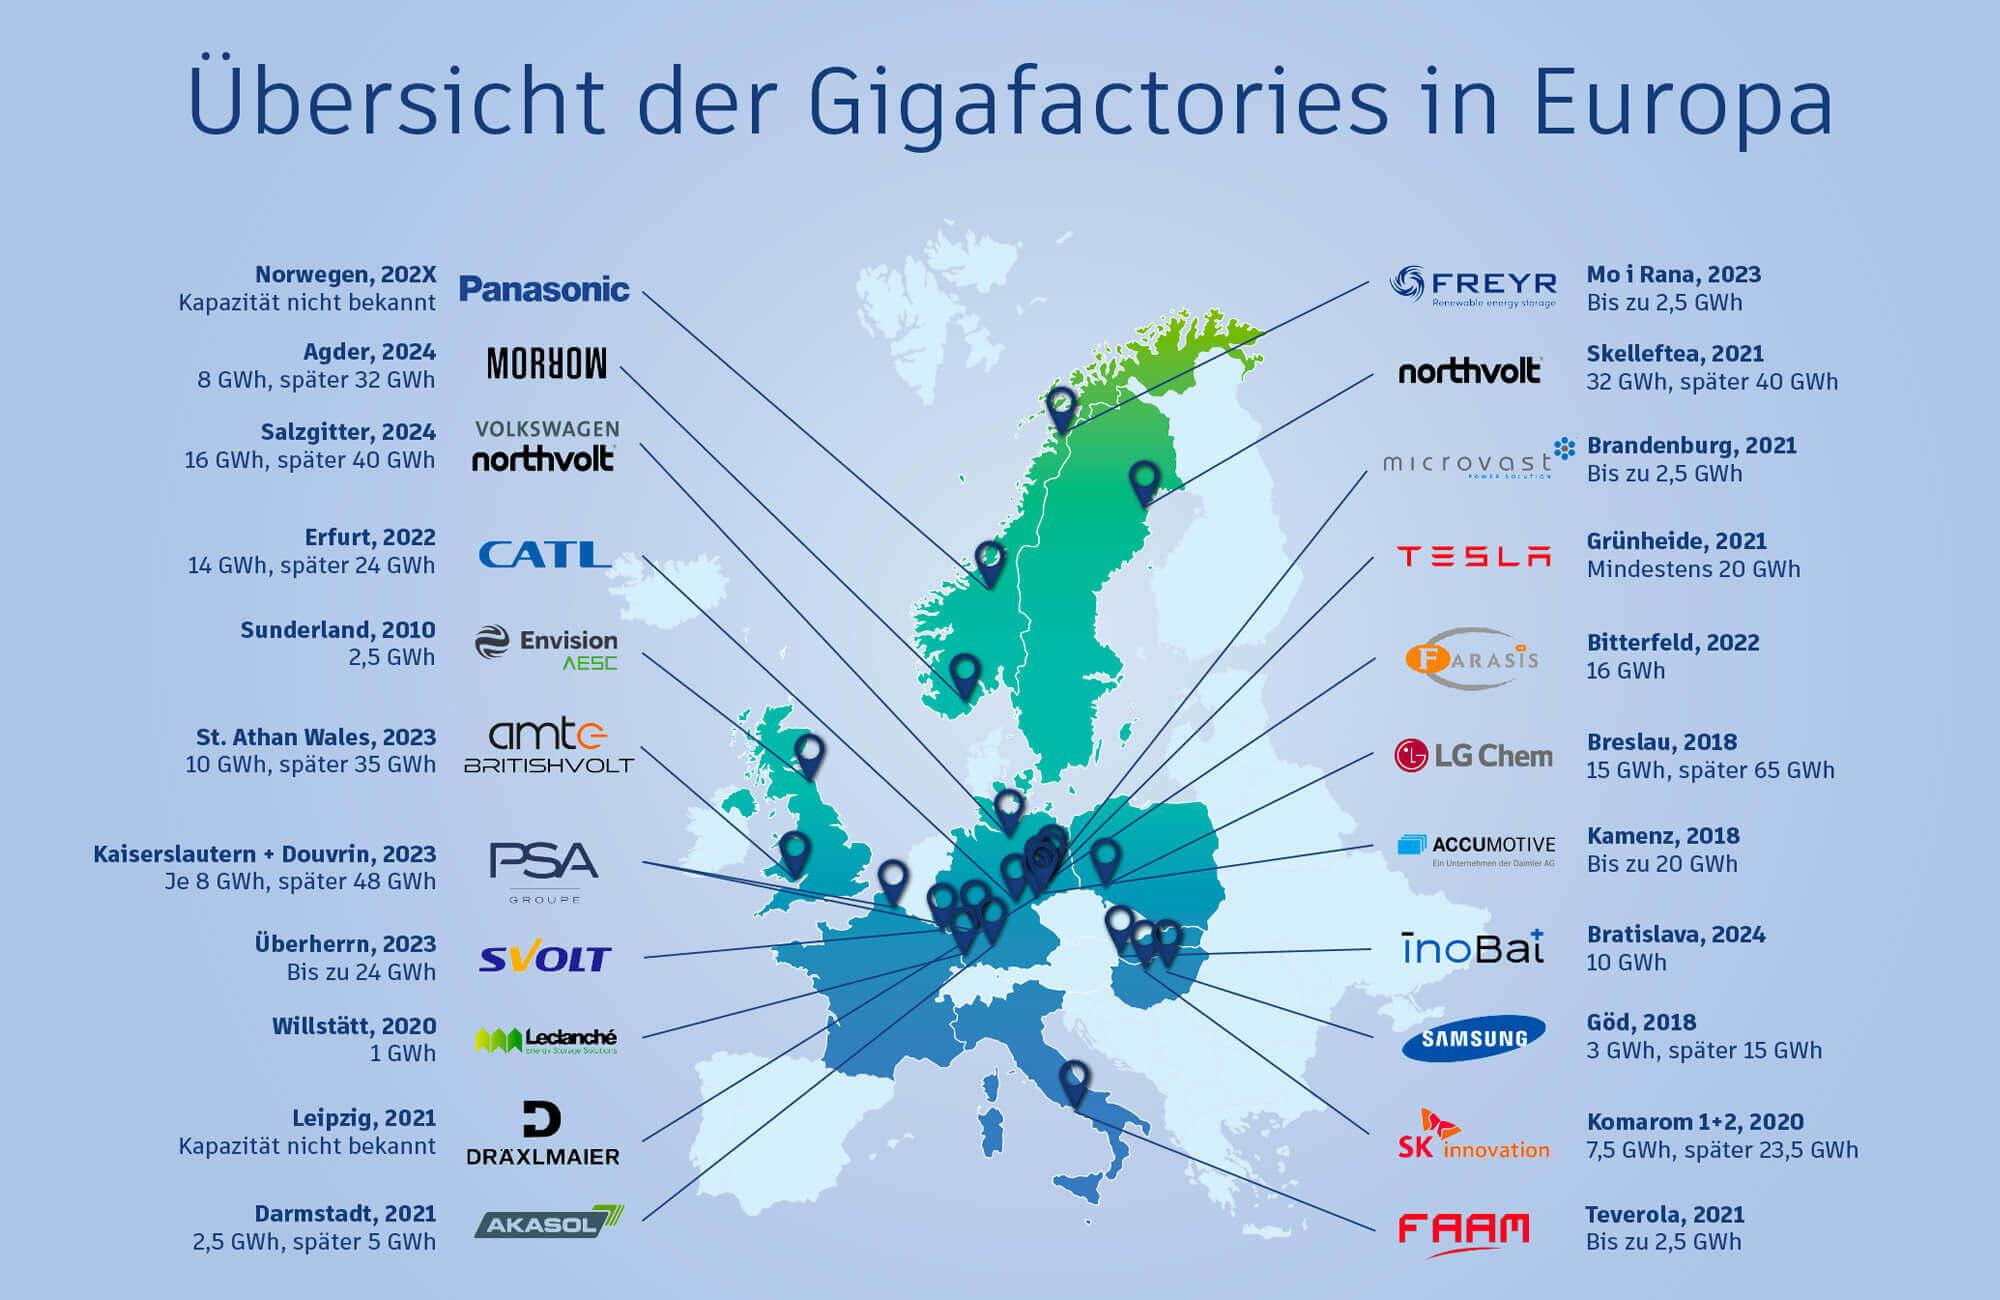 Cette carte montre la popularité de l'Allemagne comme lieu de production de batteries et donc de giga-usines. Les investisseurs apprécient particulièrement l'expertise automobile du centre de l'Europe. Mise à jour mars 2021